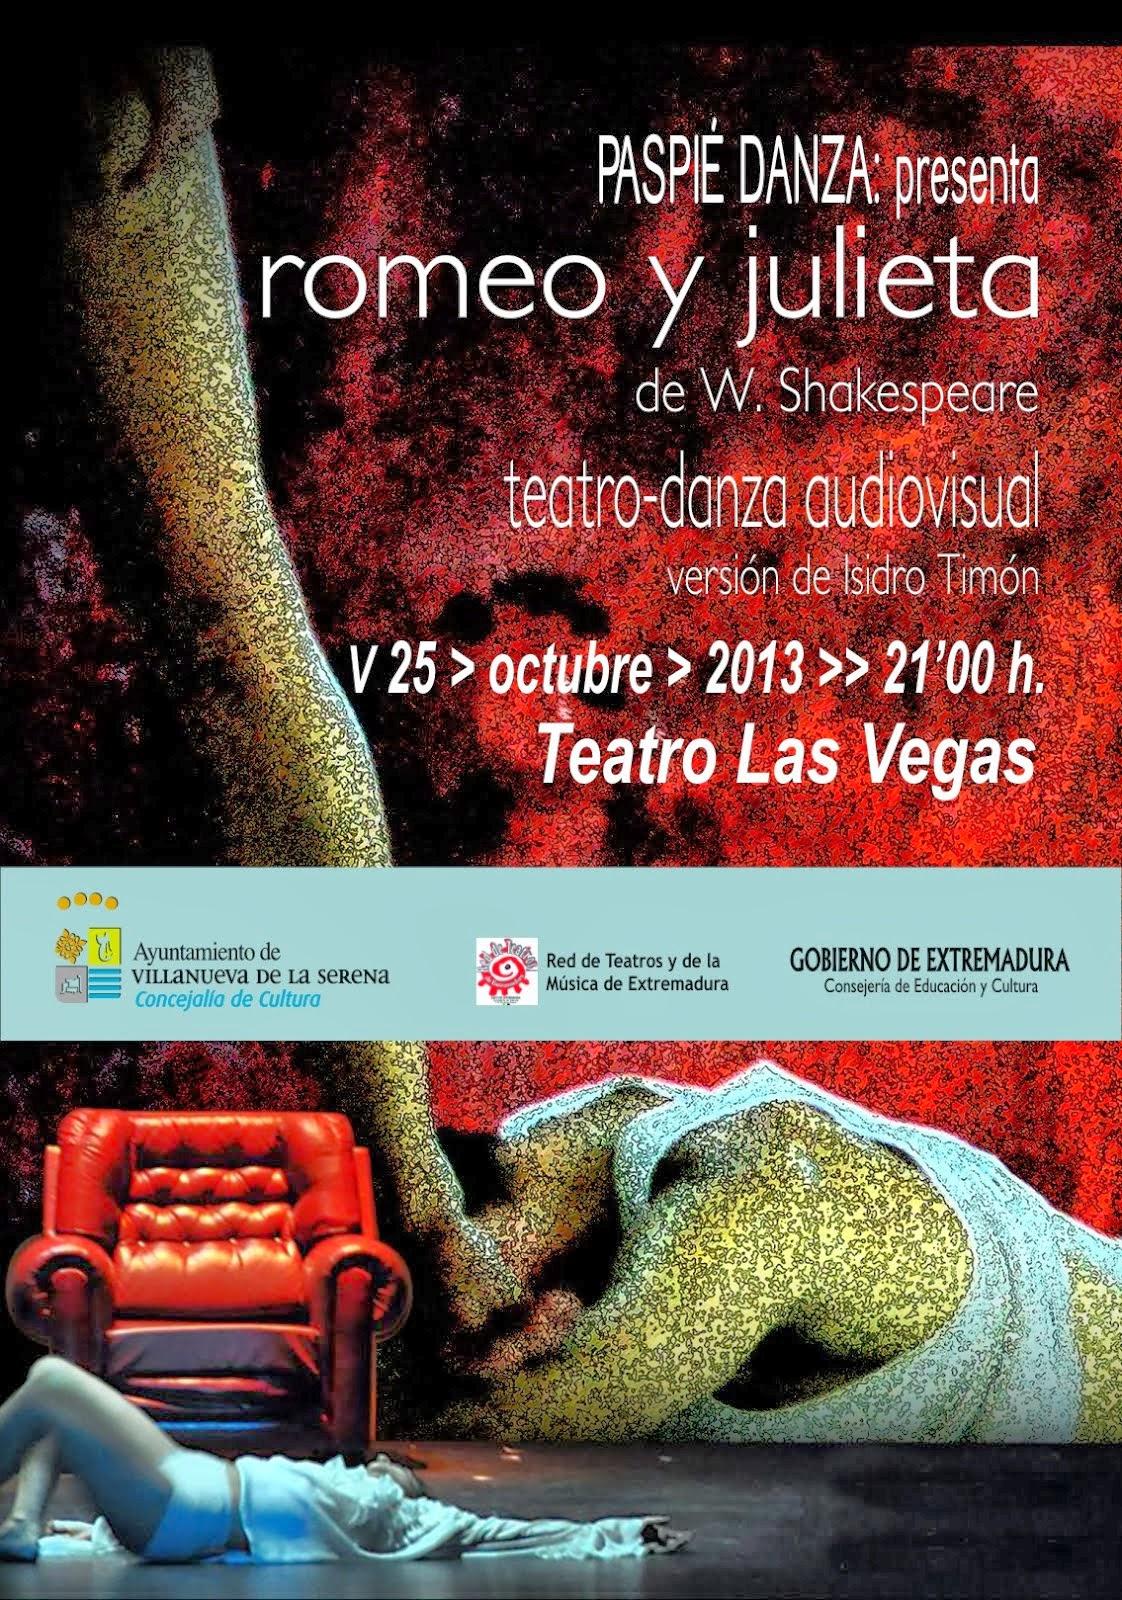 Teatro-danza: Romeo y Julieta